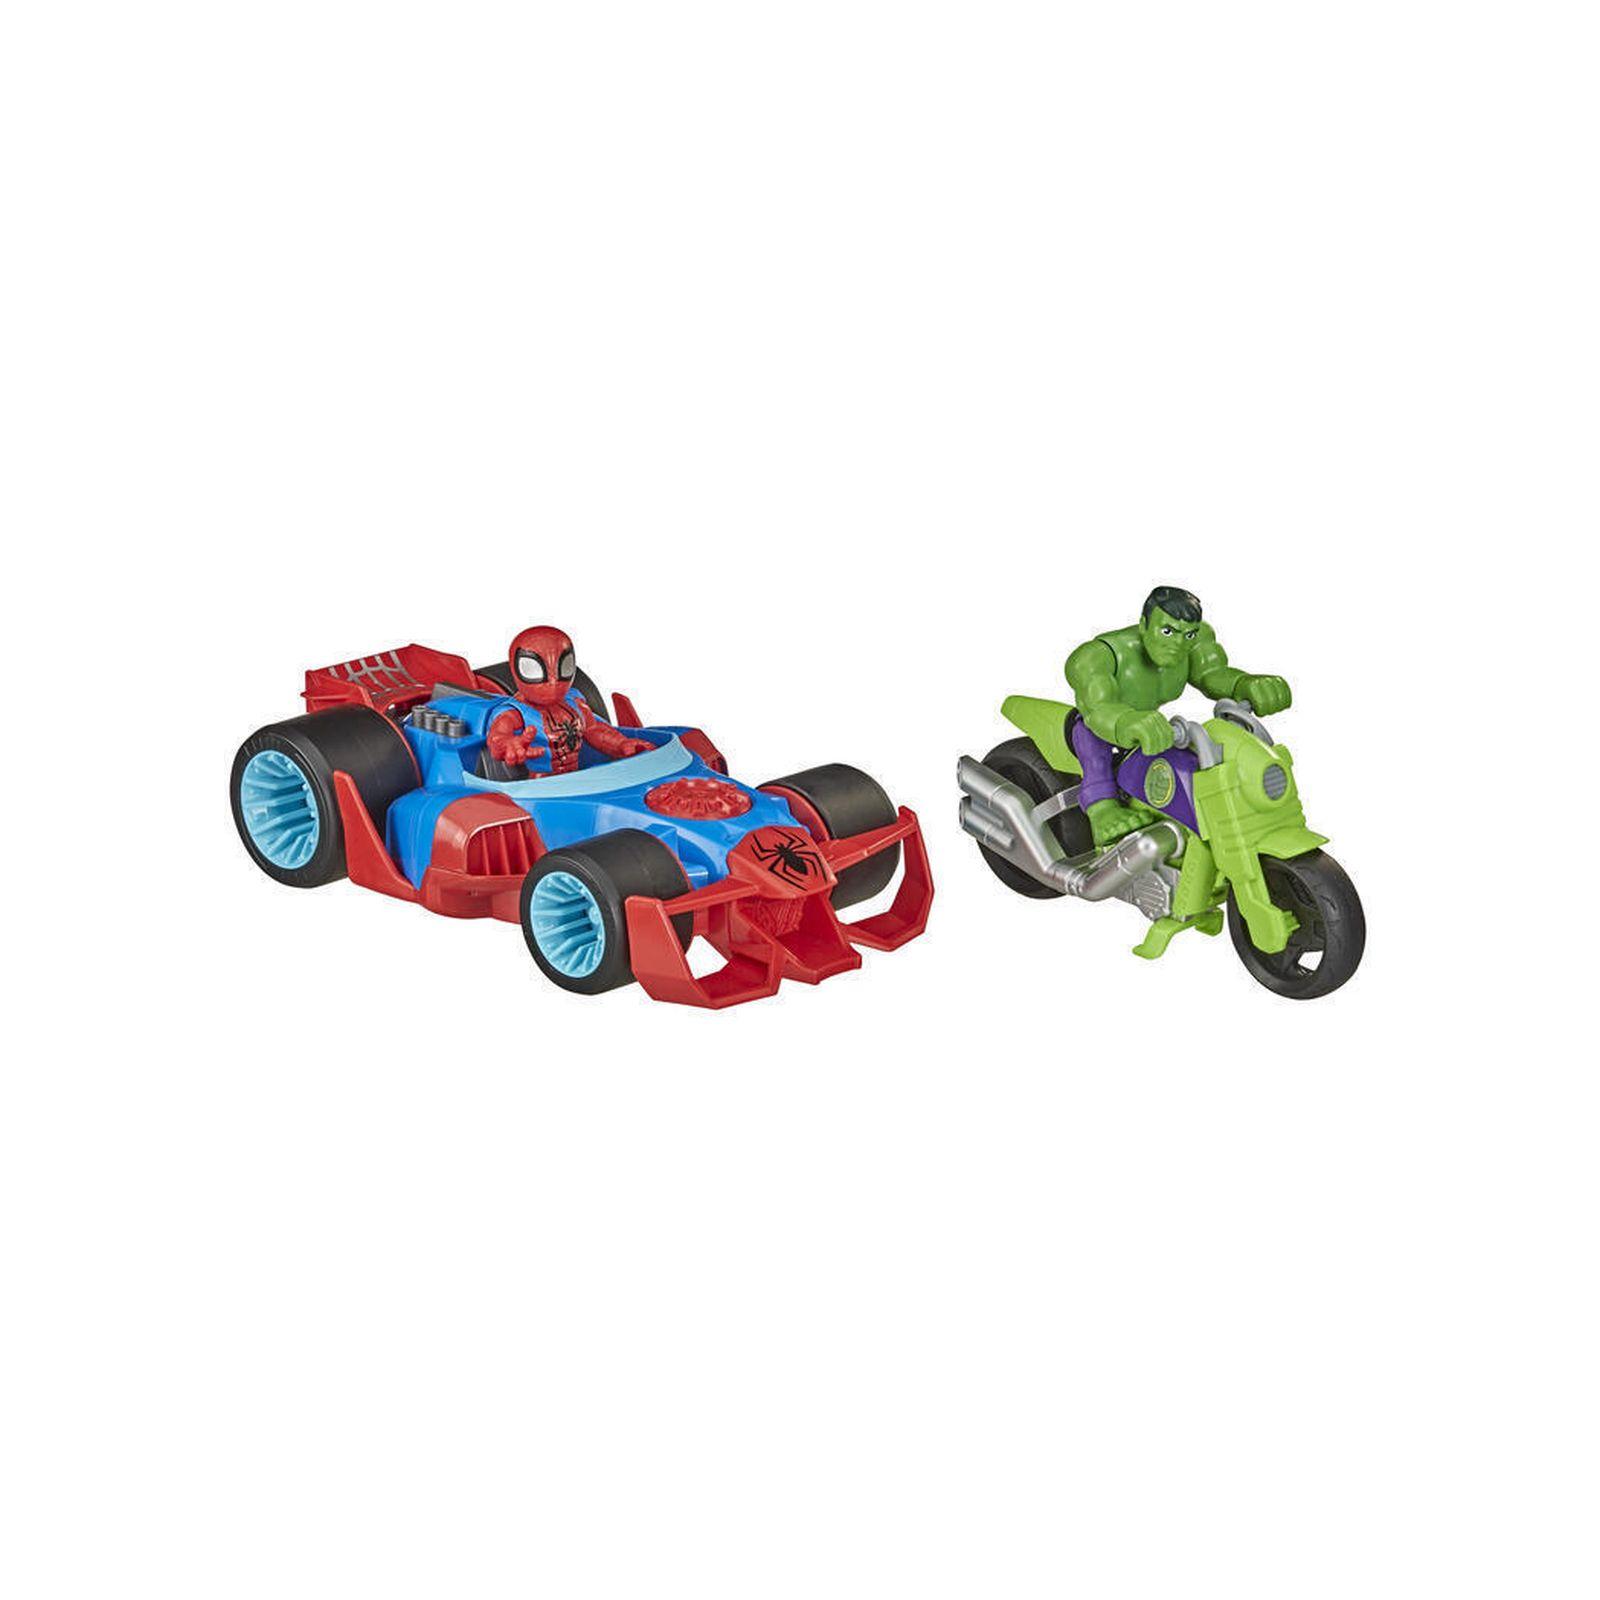 Super hero adventure action racers -